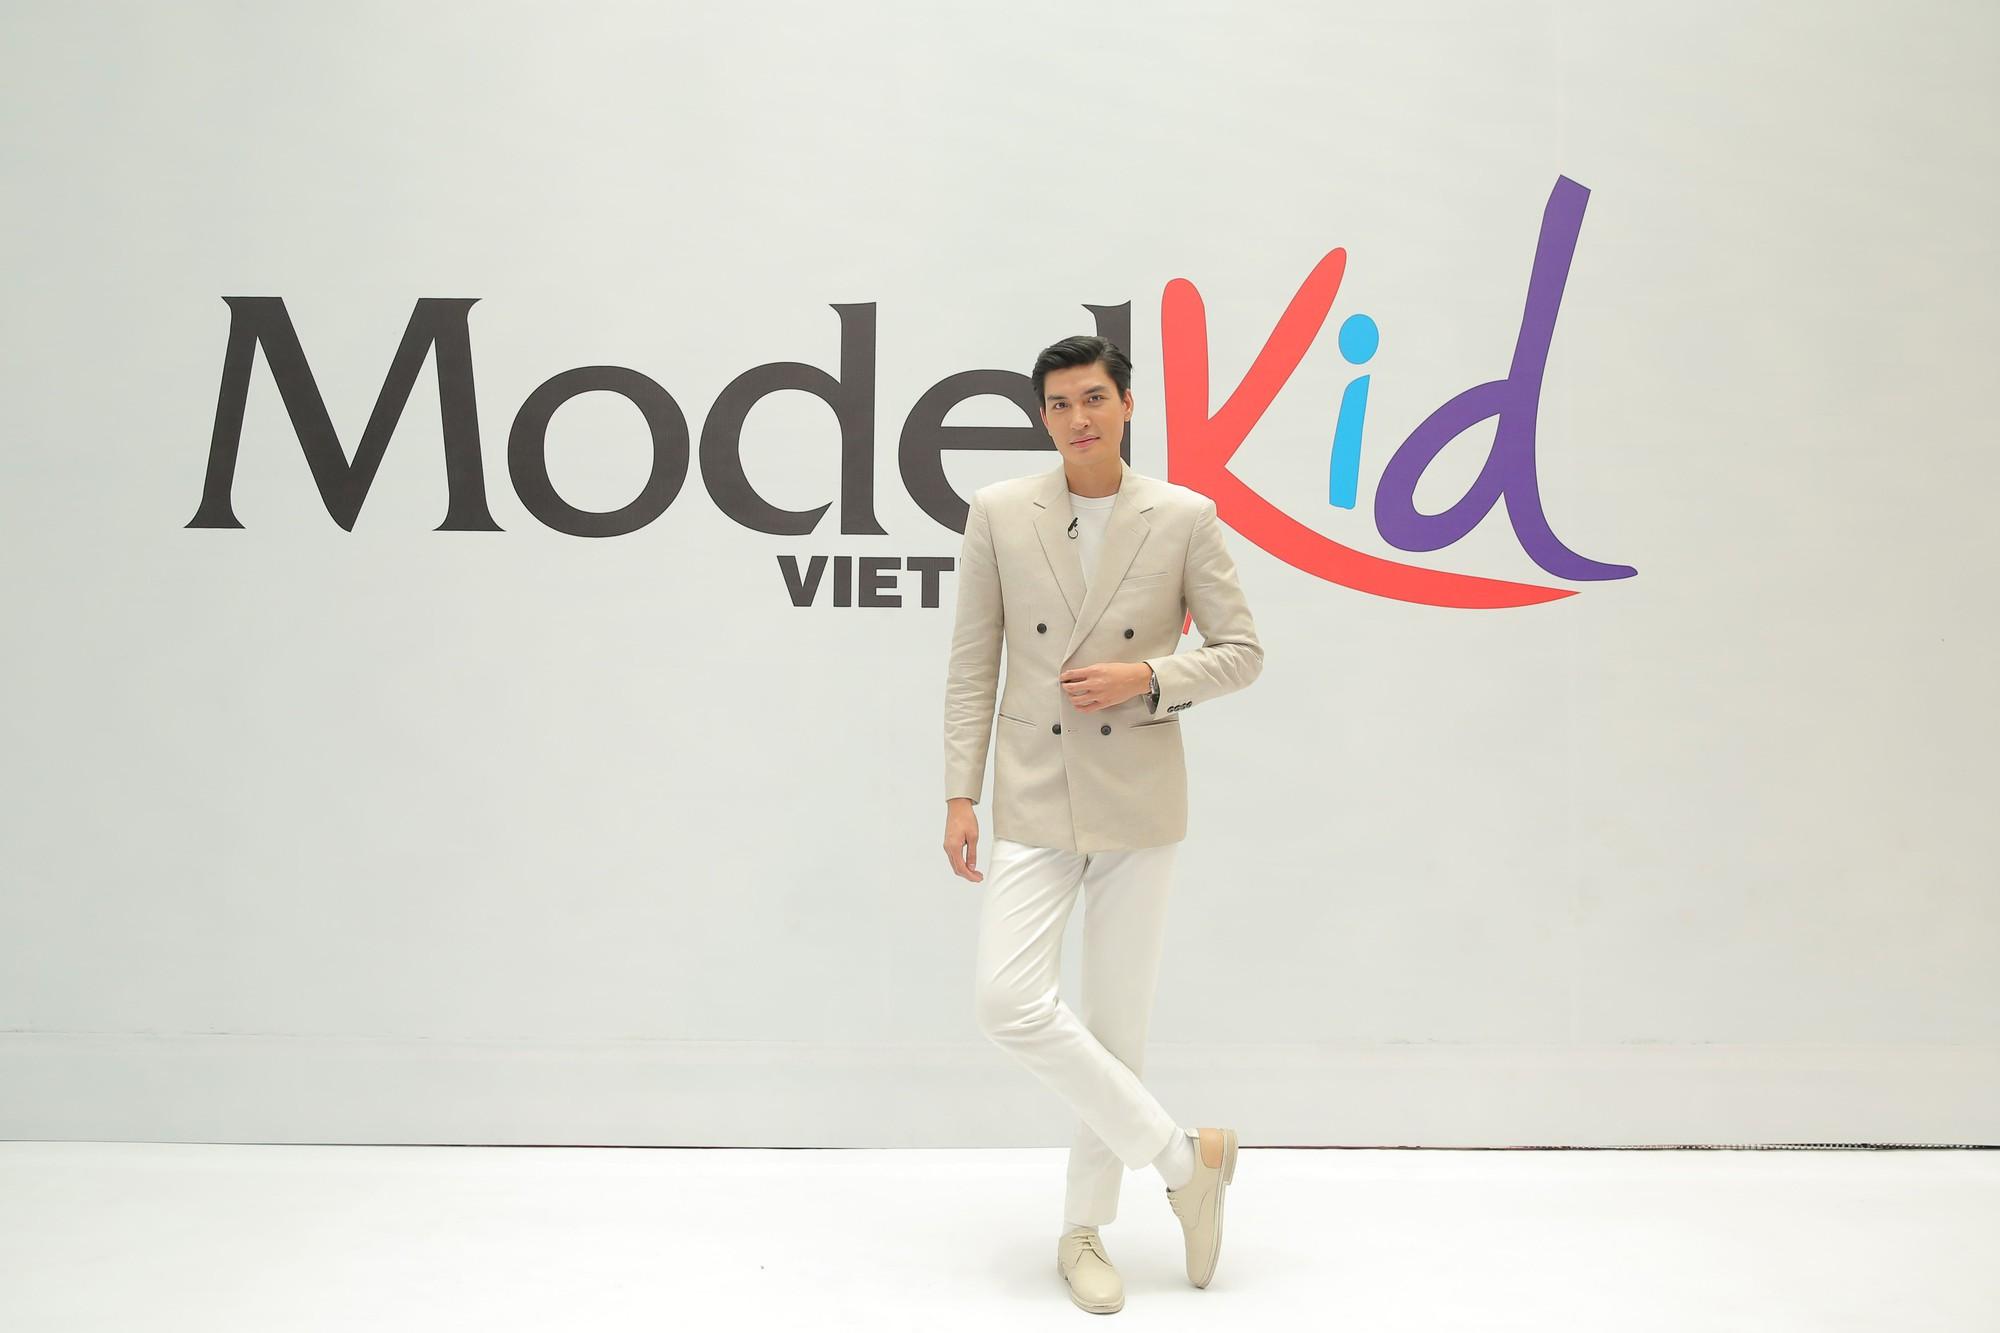 Bà Trang Lê - giám đốc sản xuất Model Kid Vietnam: Tôi rất bức xúc khi nhiều nơi dạy các bé trình diễn như người lớn - Ảnh 4.